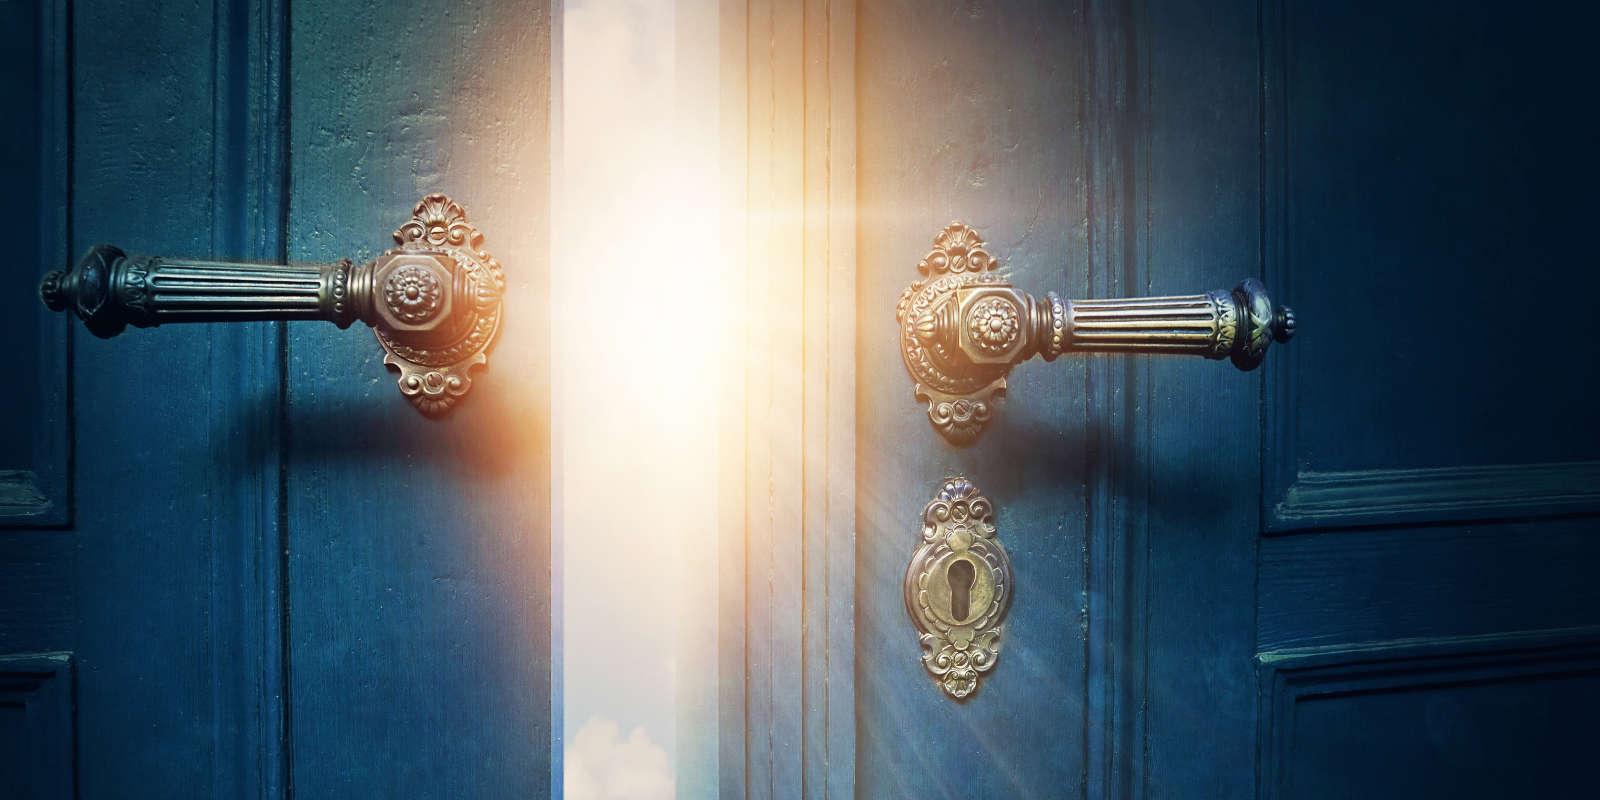 Blue doors opening